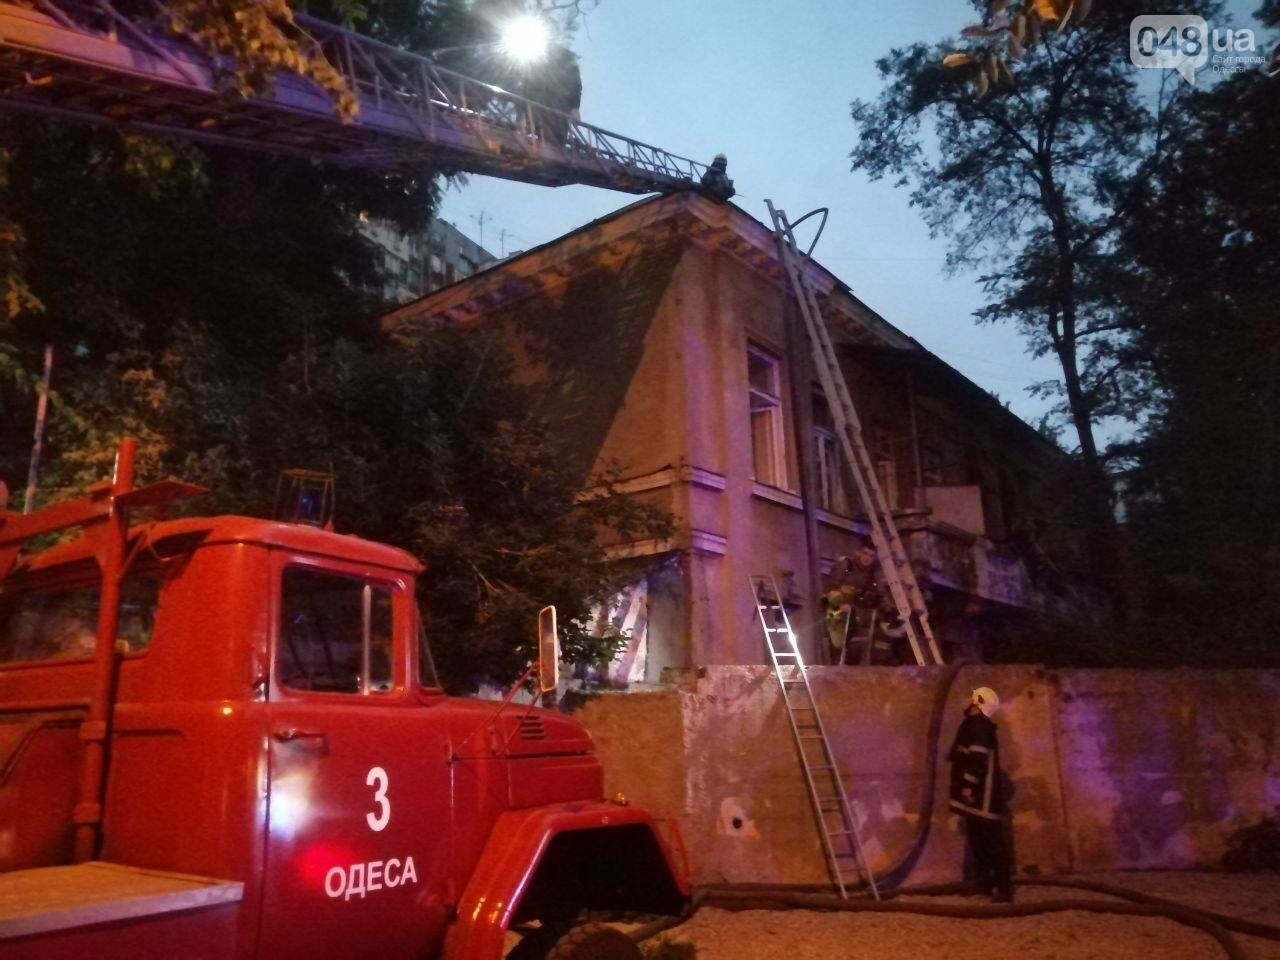 Пресс-служба ГСЧС в Одесской области., Пожар в общежитии Одесской киностудии.4